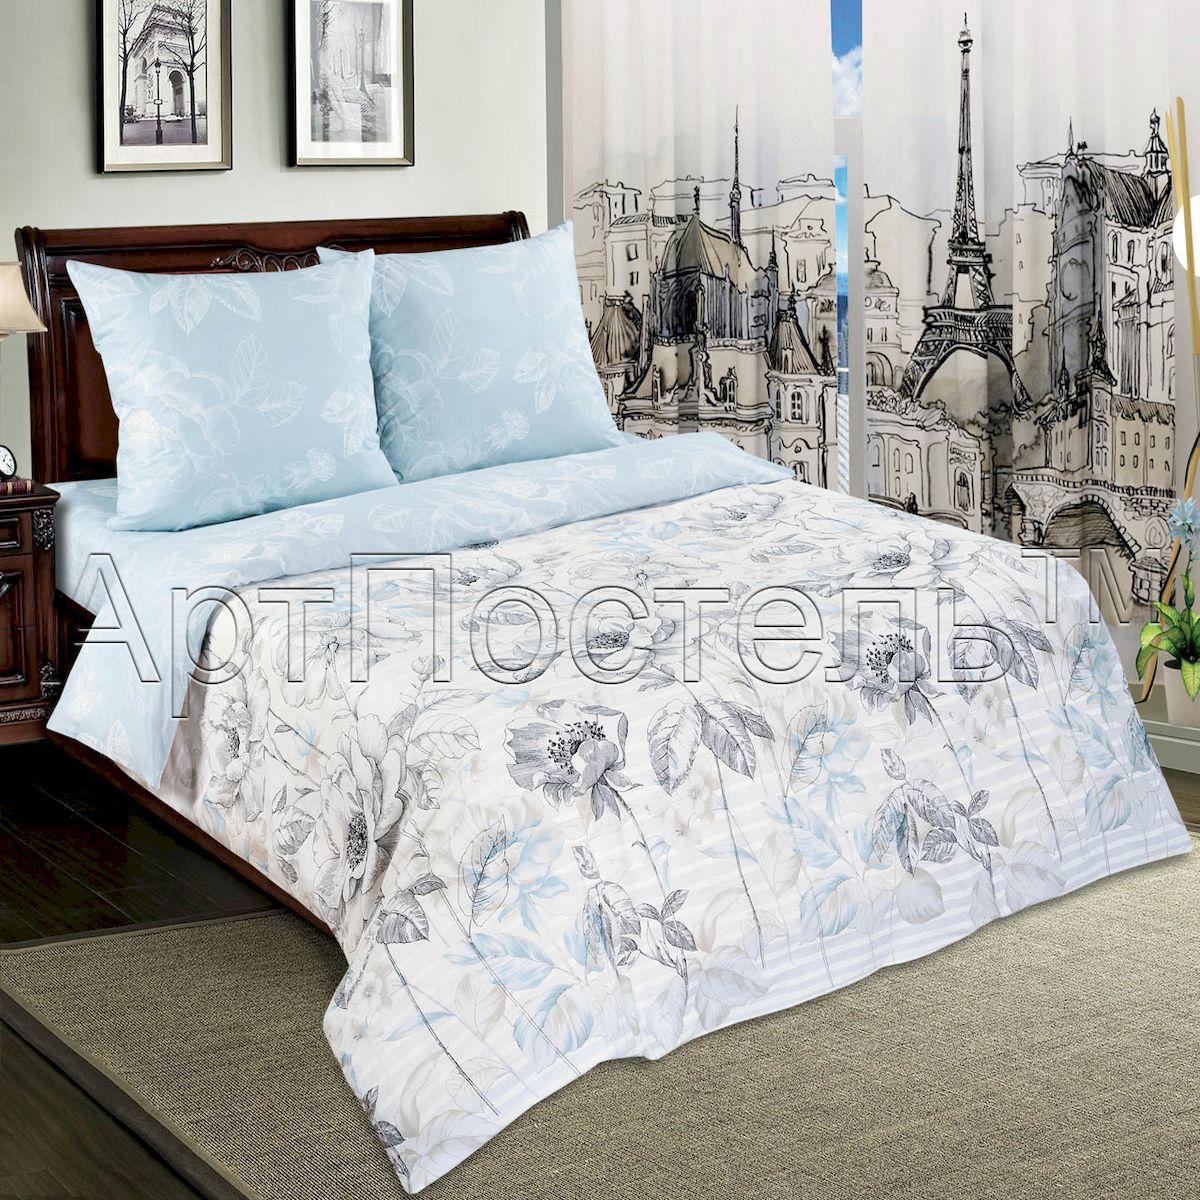 Комплект белья АртПостель Поэзия, 1,5 спальный, наволочки 70x70 комплект белья в киеве круглосуточно